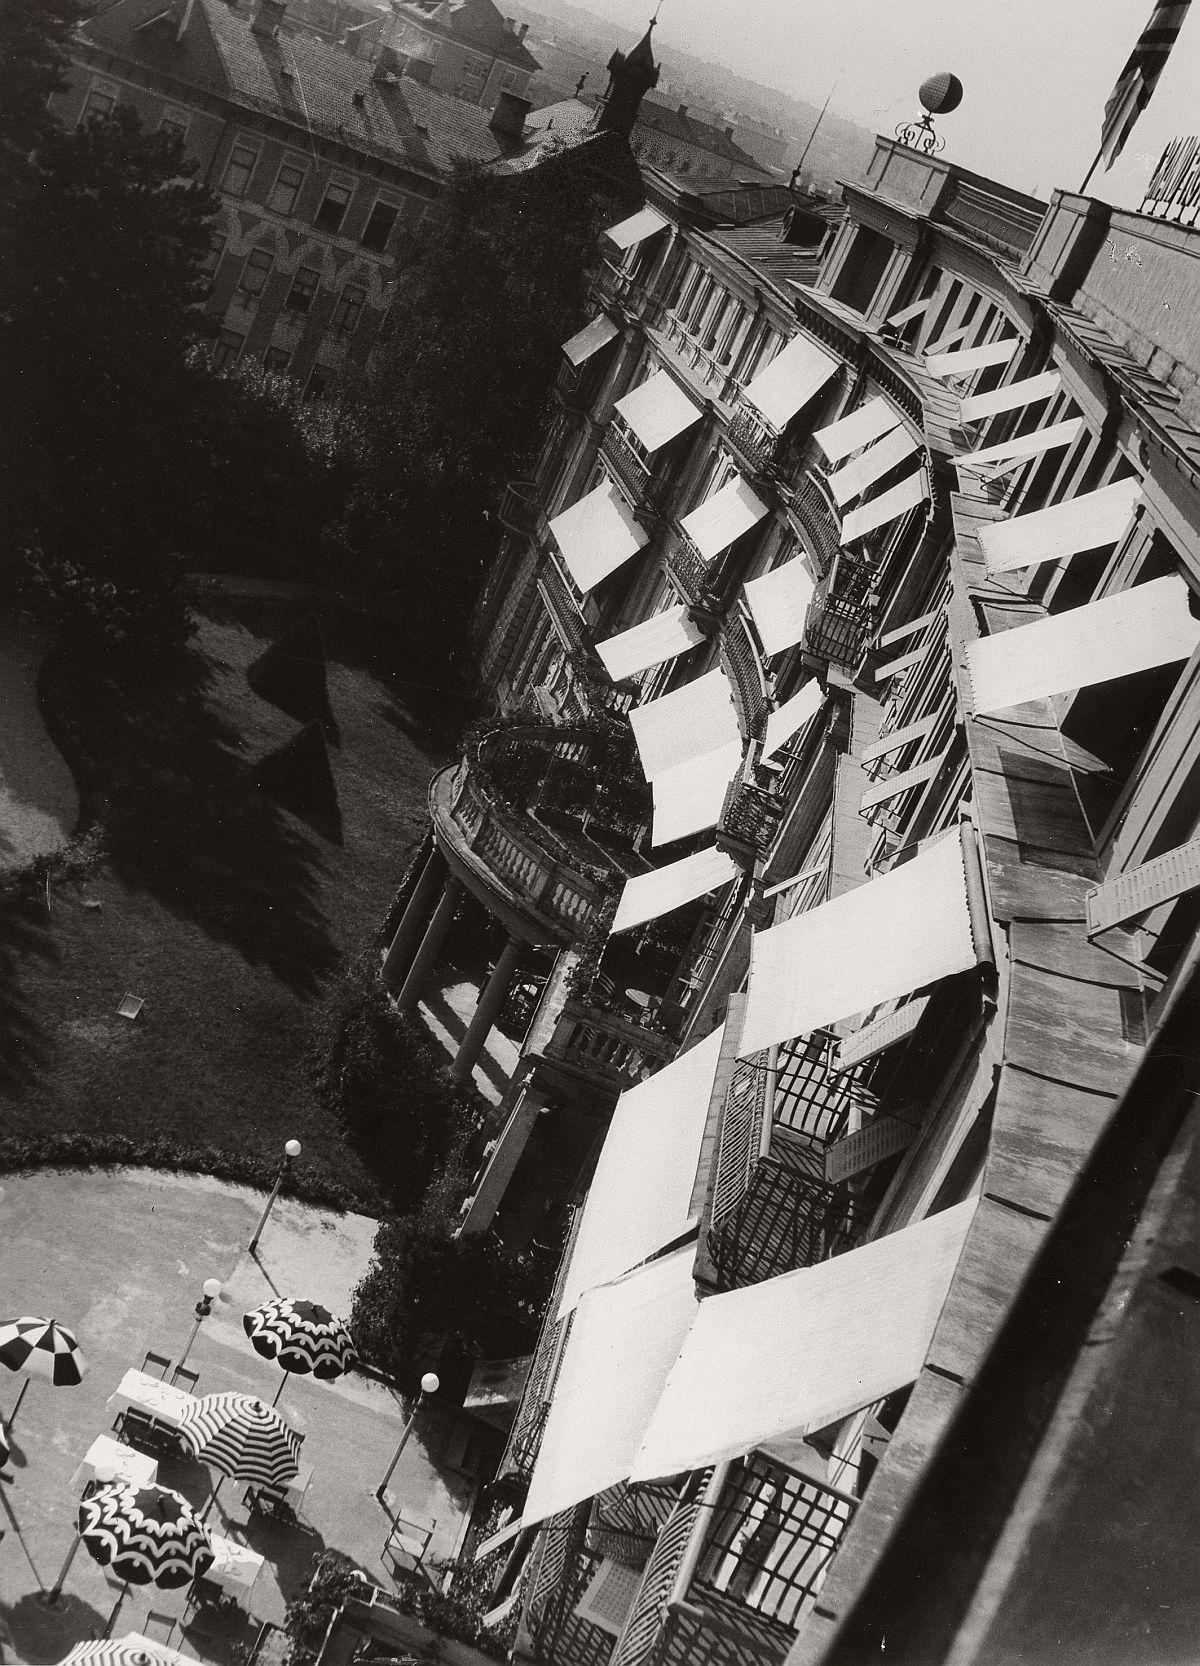 Robert Haas: Hotel de l'Europe, Salzburg, 1935 © Wien Museum/Sammlung Robert Haas